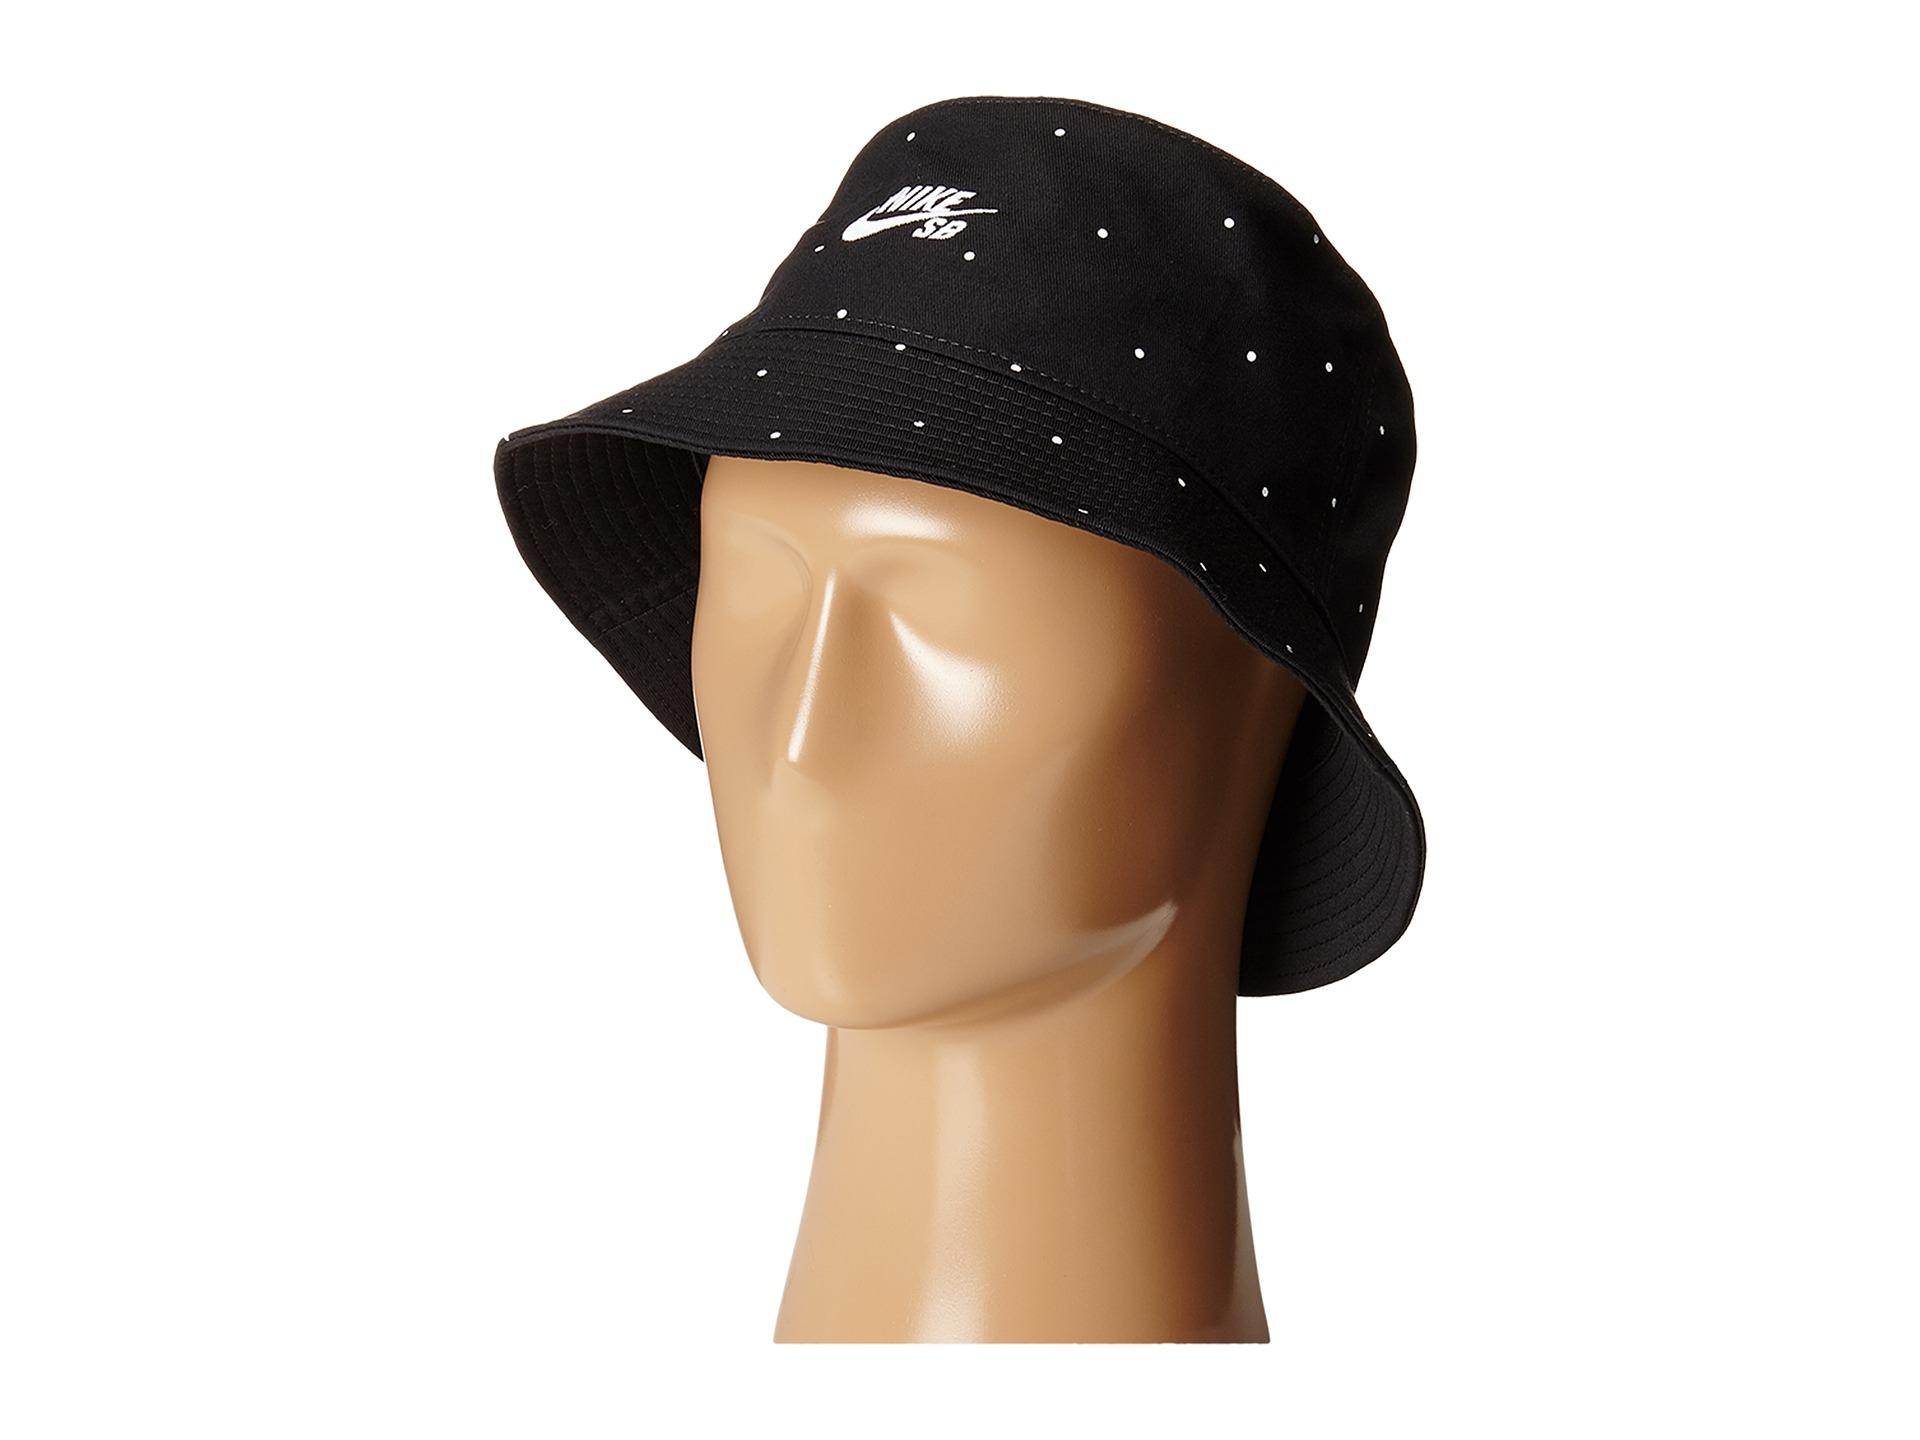 d08d17c2035b9 Lyst - Nike Sb Seasonal Bucket in Black for Men